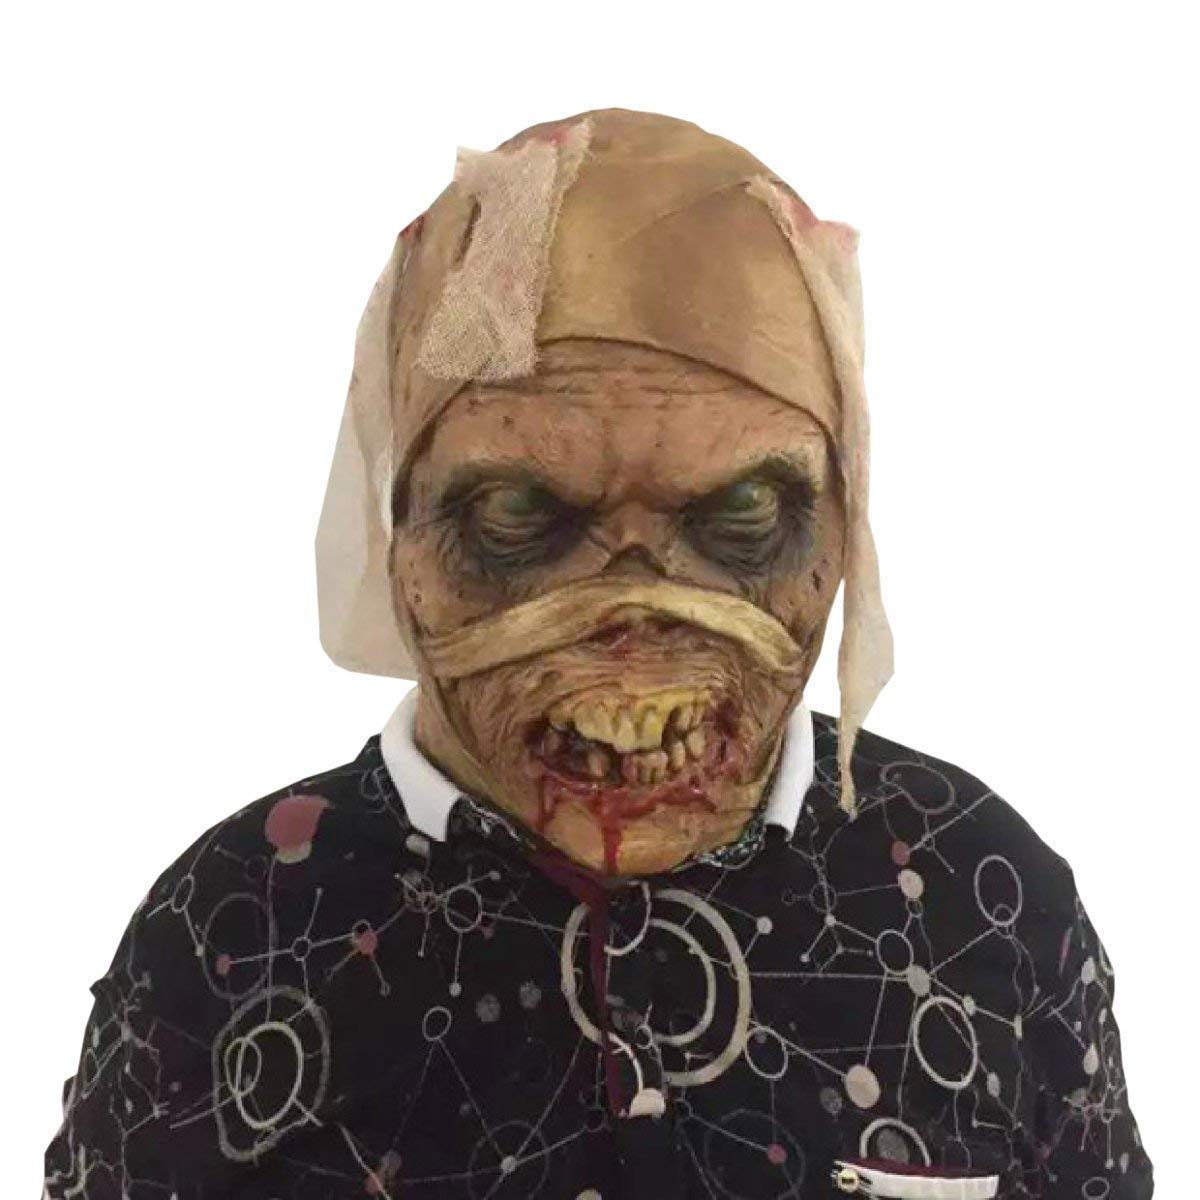 Xiao-masken Halloween Mumien Zombie Geister Maske Latex Blautig Unheimlich Extrem Ekelhaft Heikles Vollgesichtsmaske Erwachsenenmaske Kostüm Party Cosplay Prop